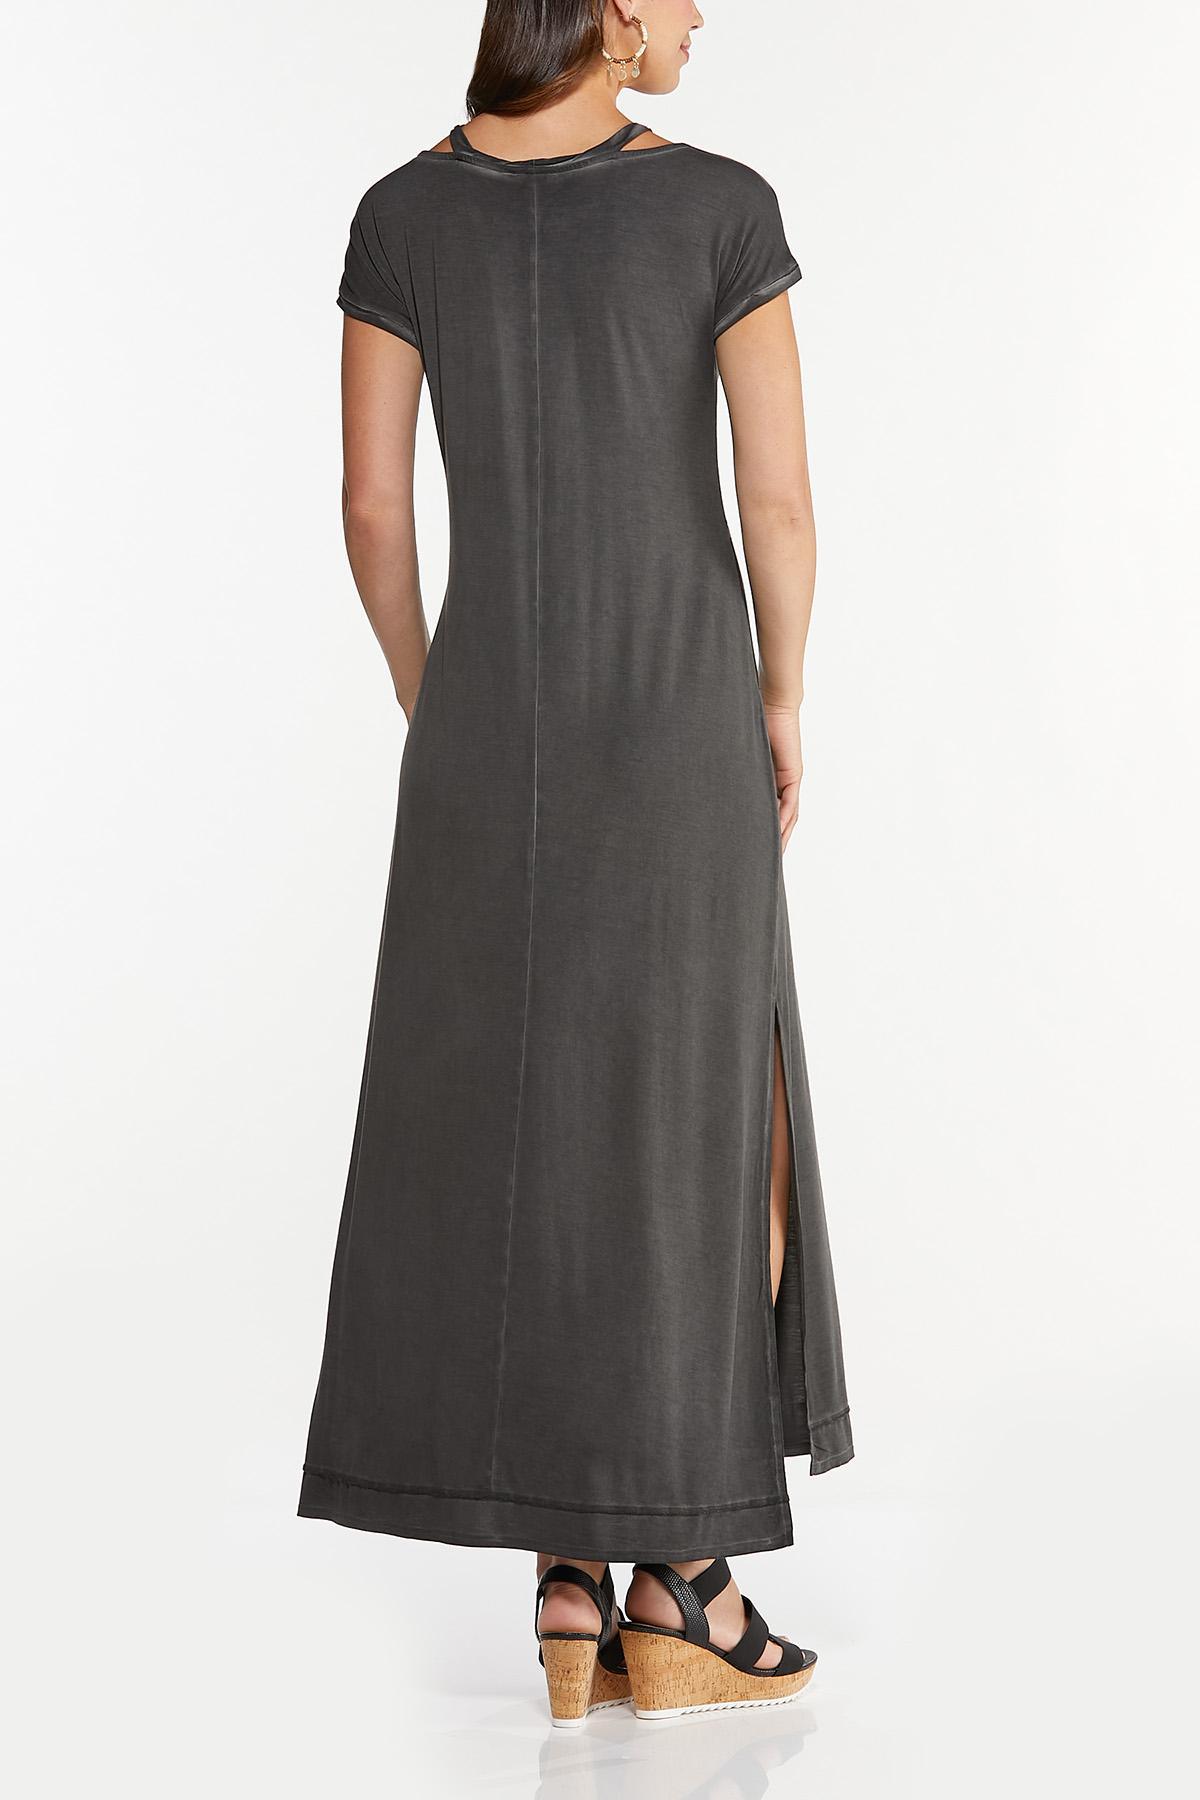 Cutout Tee Shirt Maxi Dress (Item #44656445)